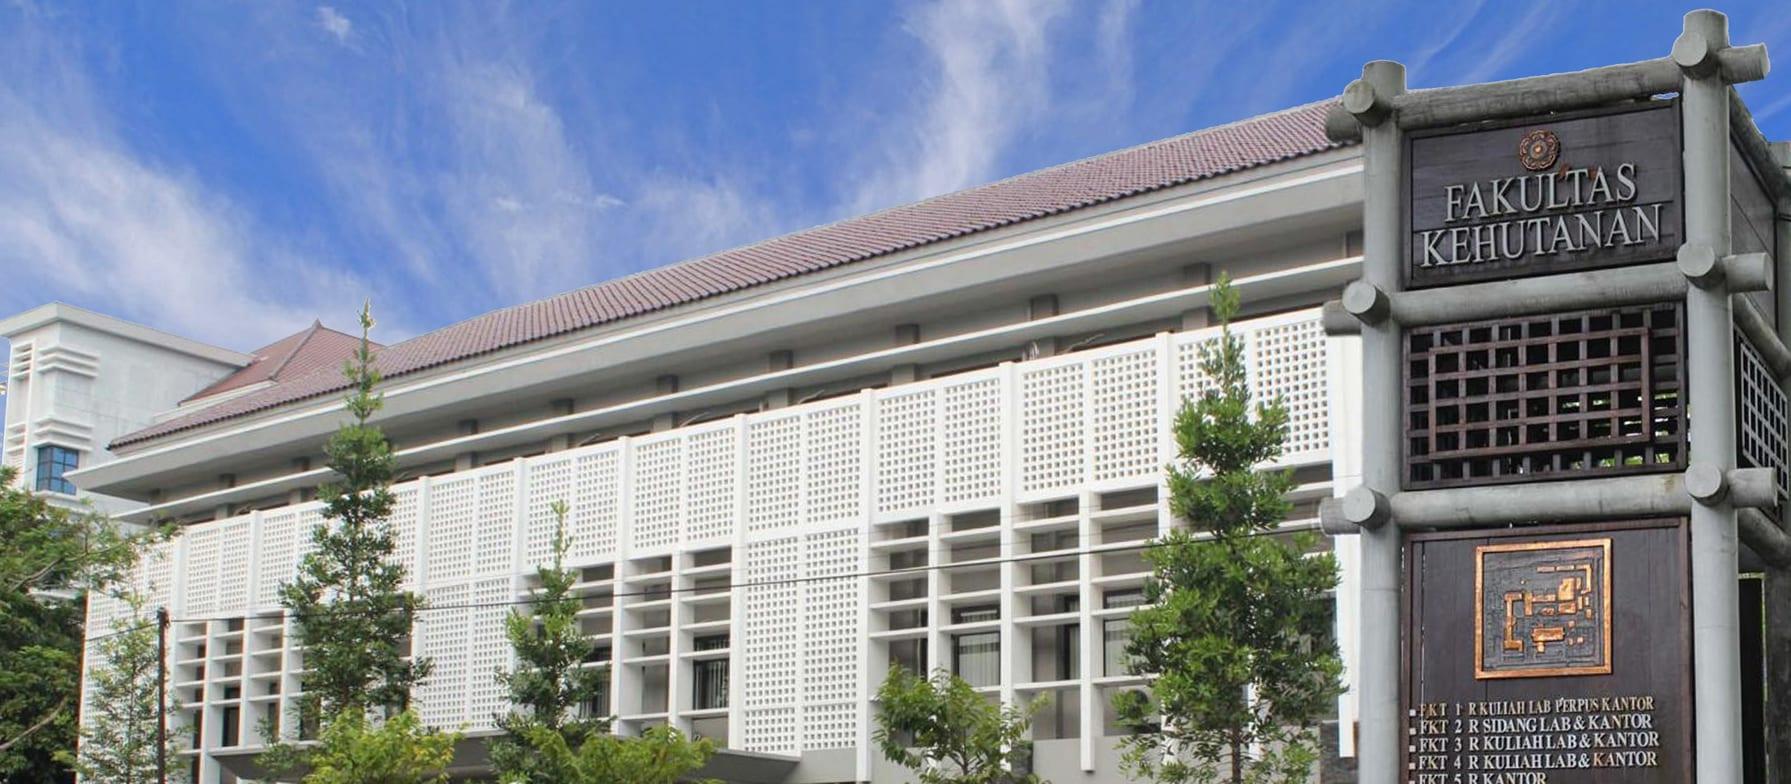 Fakultas Kehutanan - Universitas Gadjah Mada